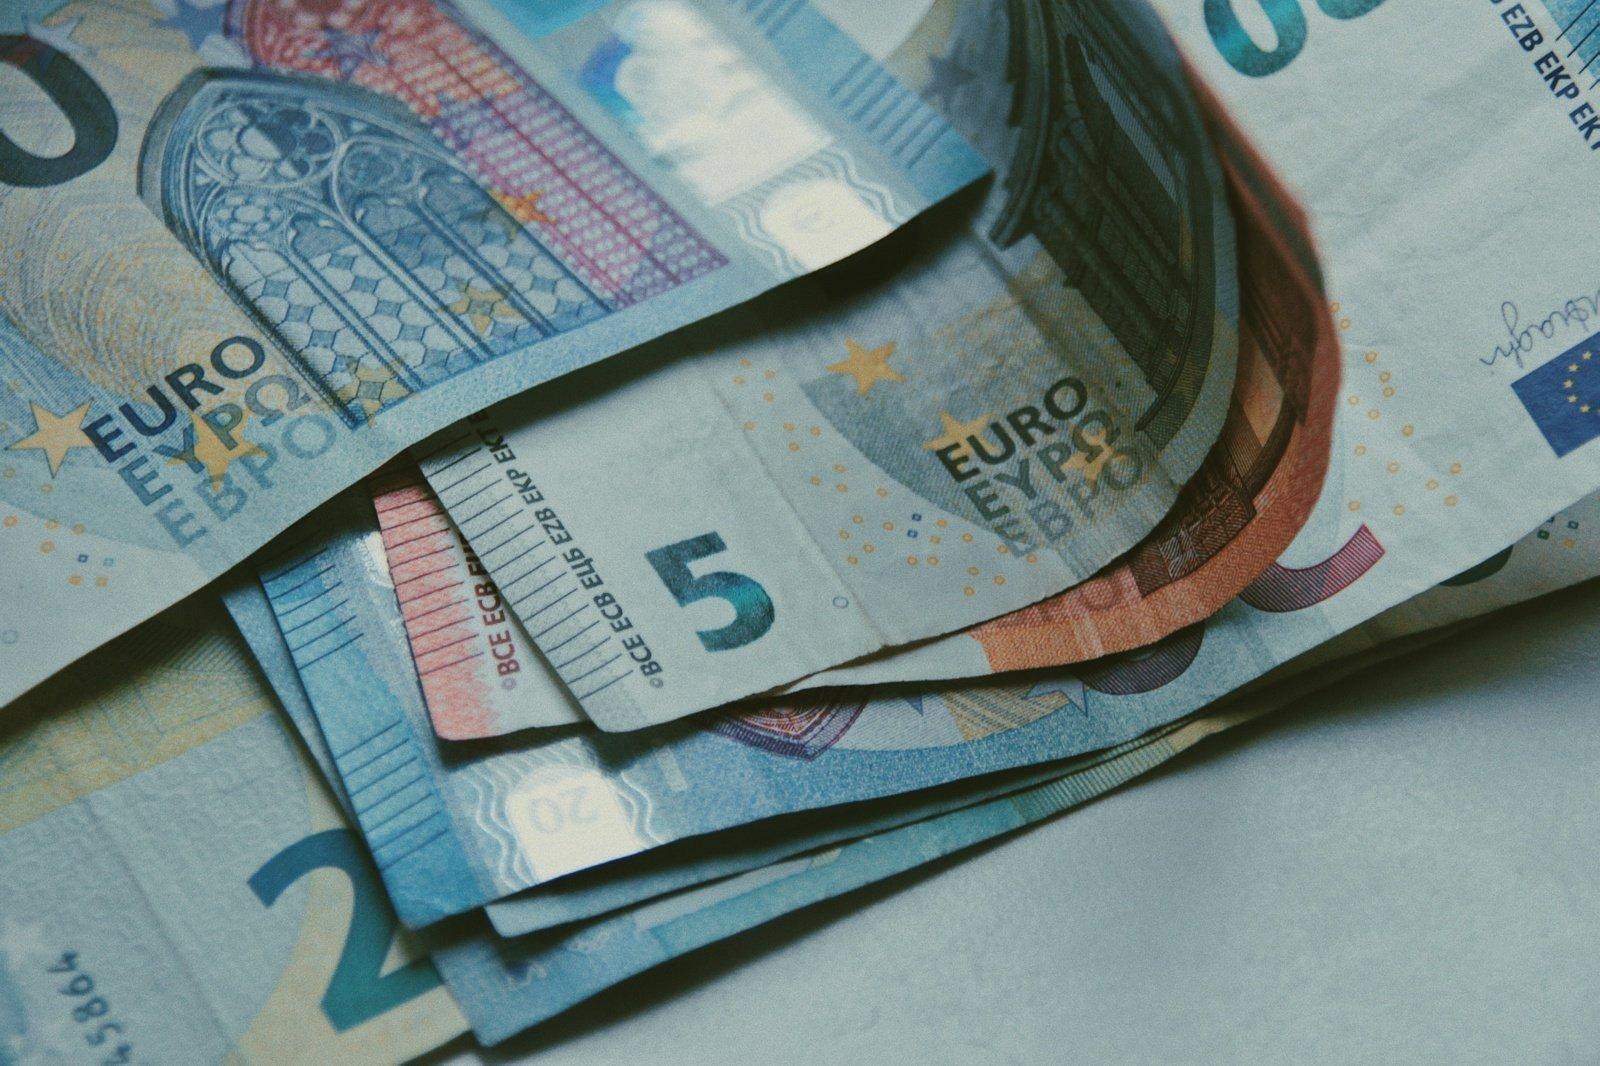 Lietuvių sukauptas finansinis turtas – 4 kartus mažesnis už ES vidurkį